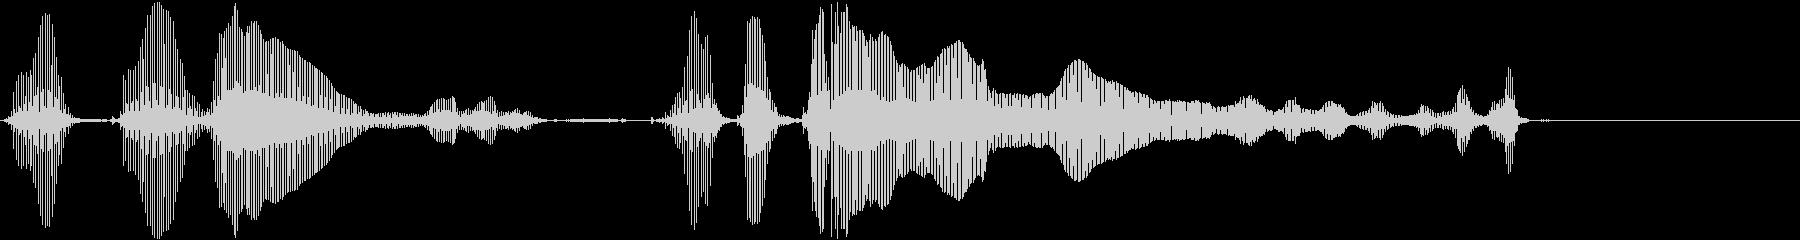 トロンボーン:シリーラストポストイ...の未再生の波形